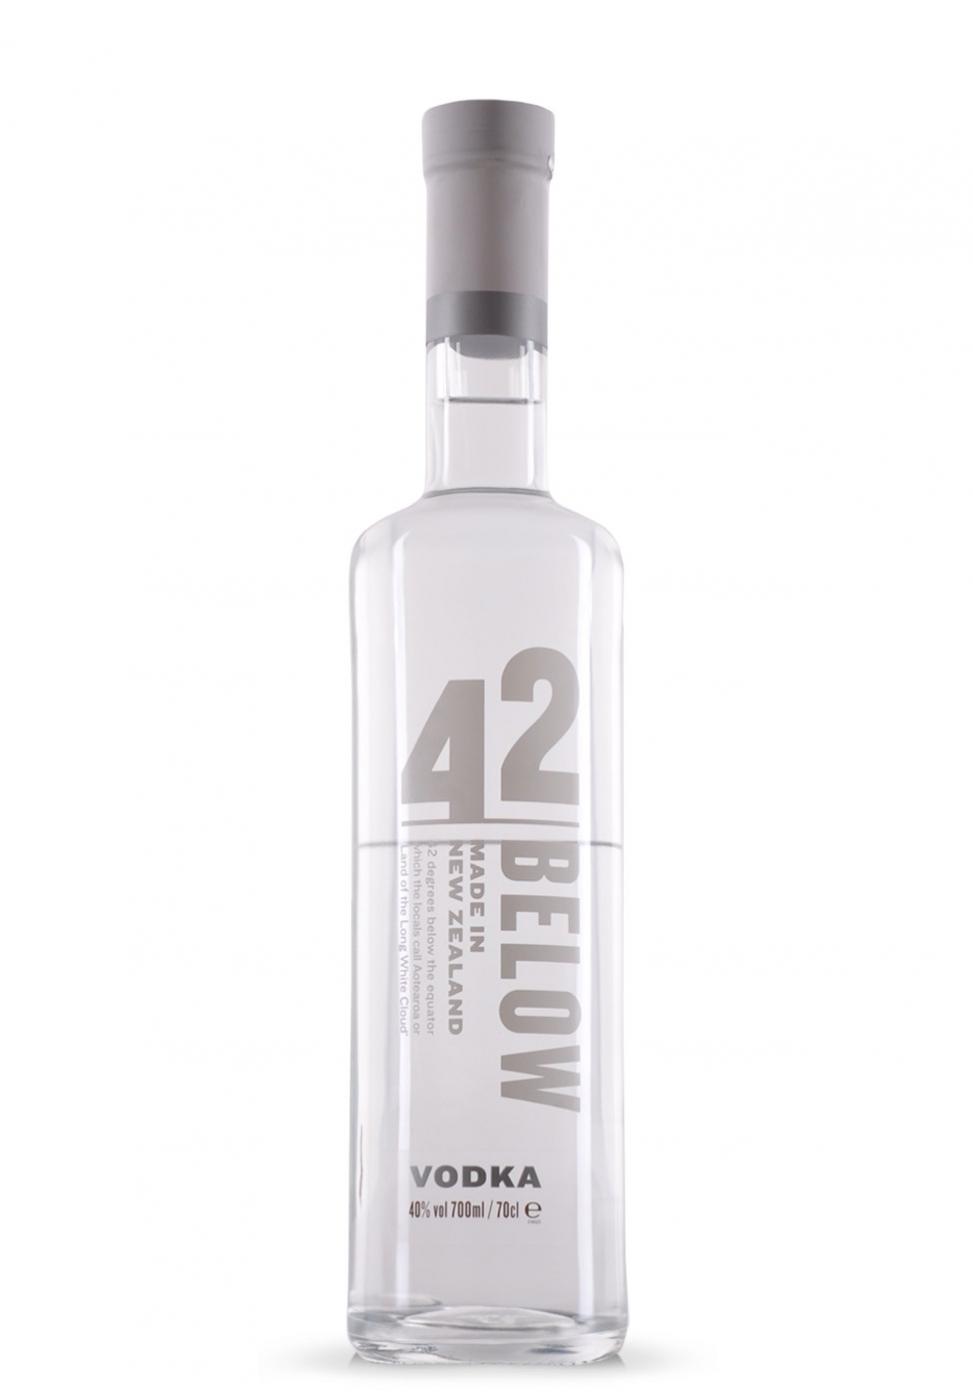 Vodka 42 Below, New Zealand (0.7L)